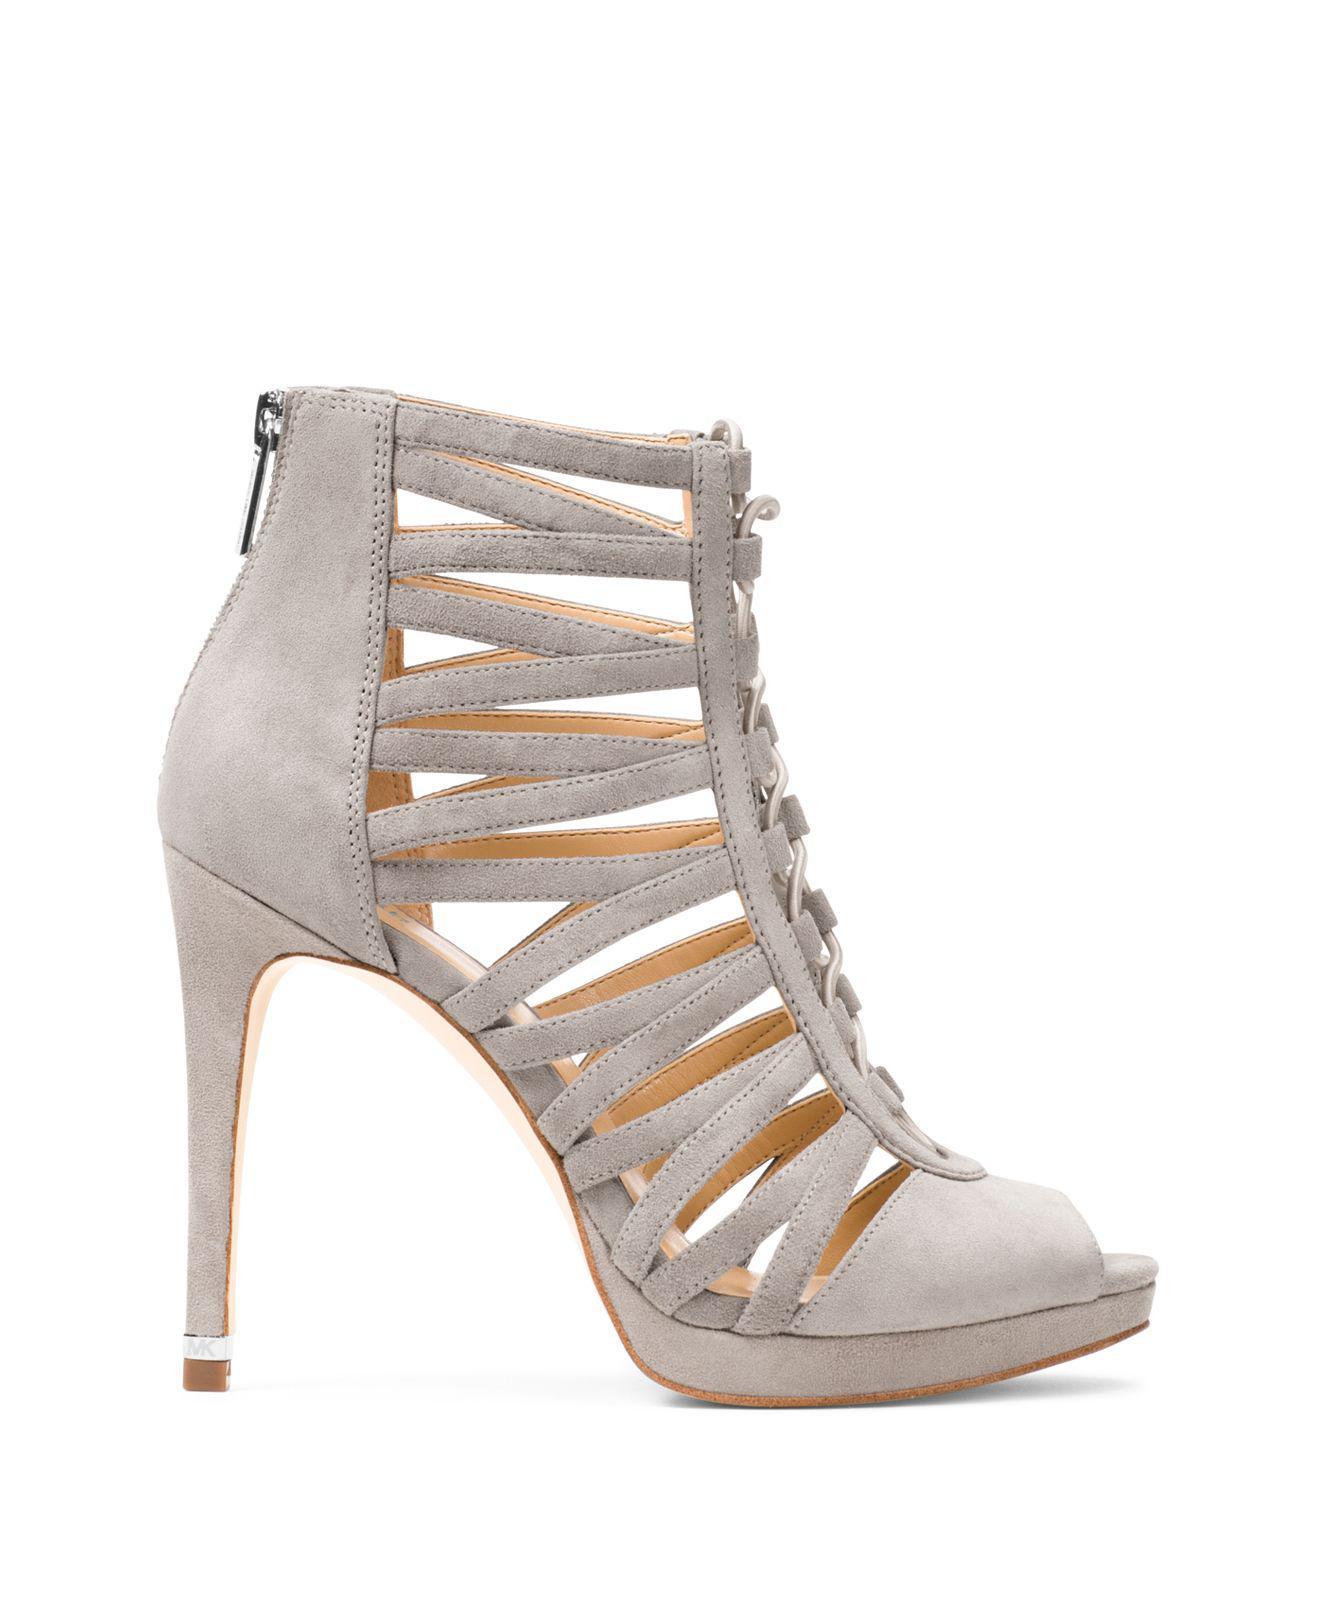 d20fd2e487c Lyst - MICHAEL Michael Kors Clarissa Caged Platform High Heel Sandals